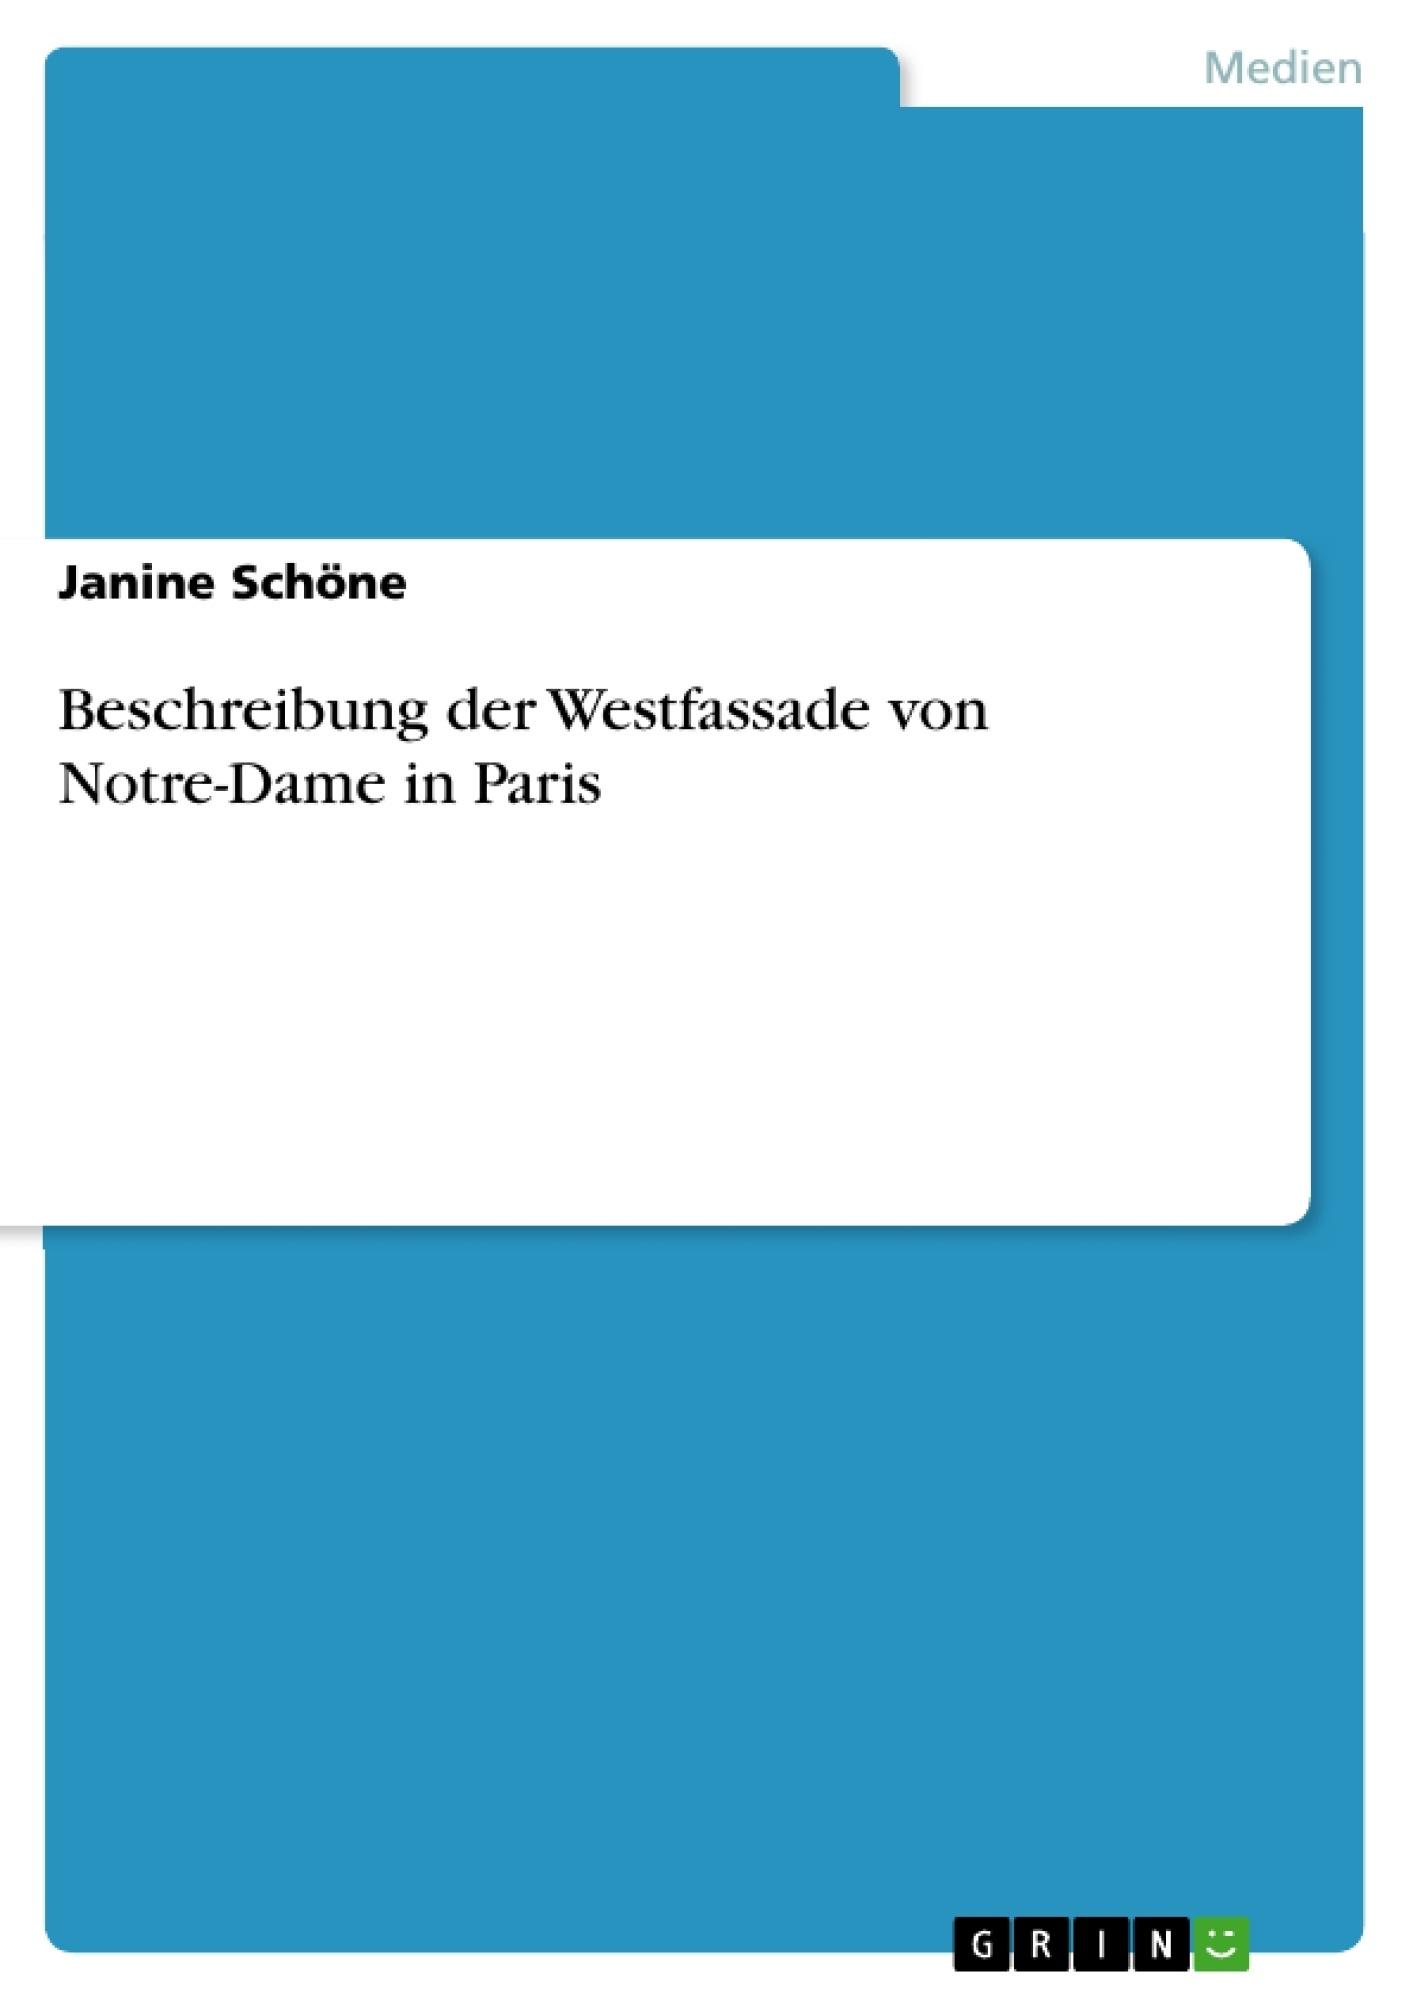 Titel: Beschreibung der Westfassade von Notre-Dame in Paris